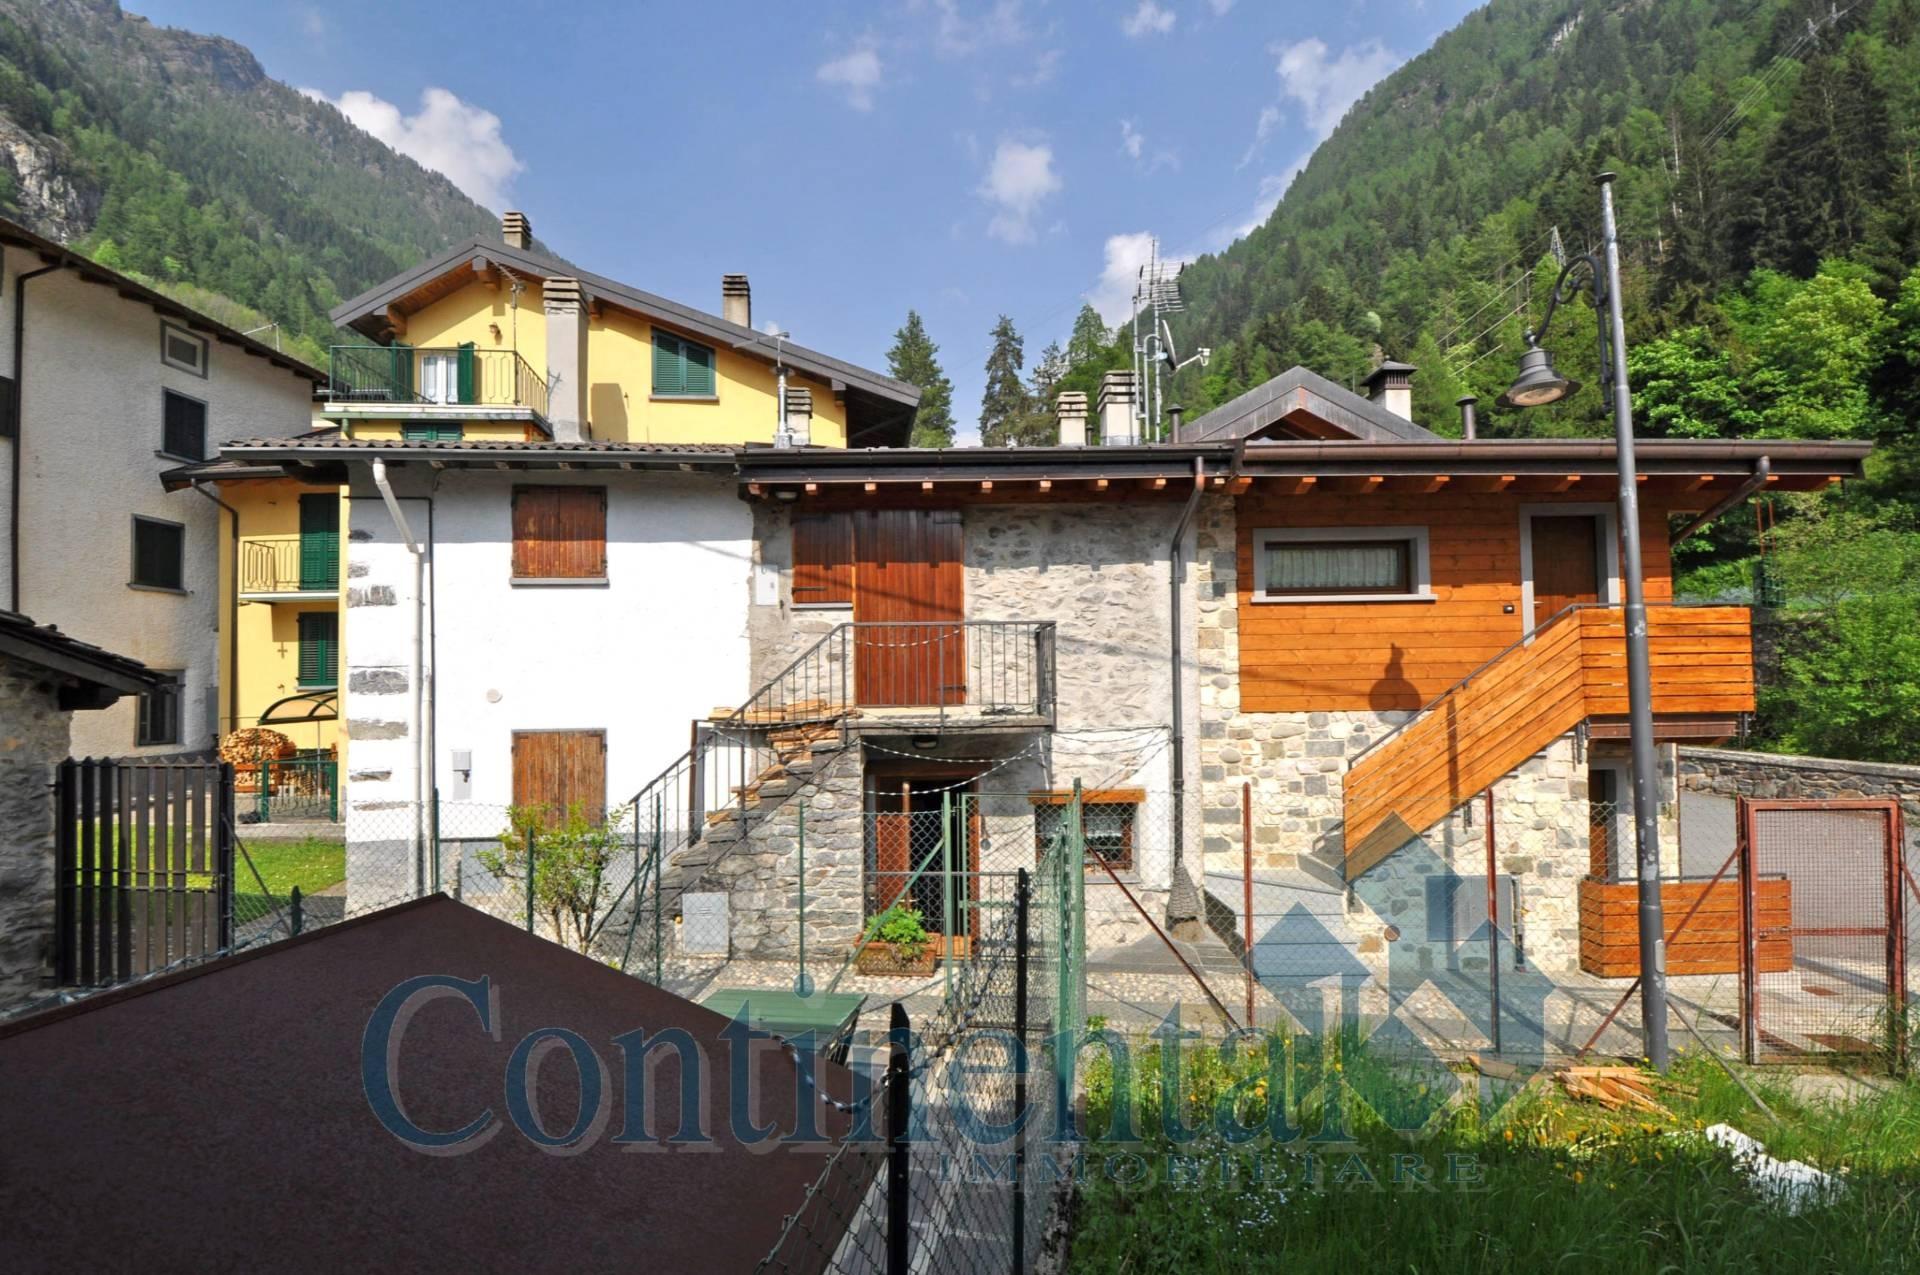 Rustico / Casale in vendita a Carona, 3 locali, prezzo € 129.000   PortaleAgenzieImmobiliari.it